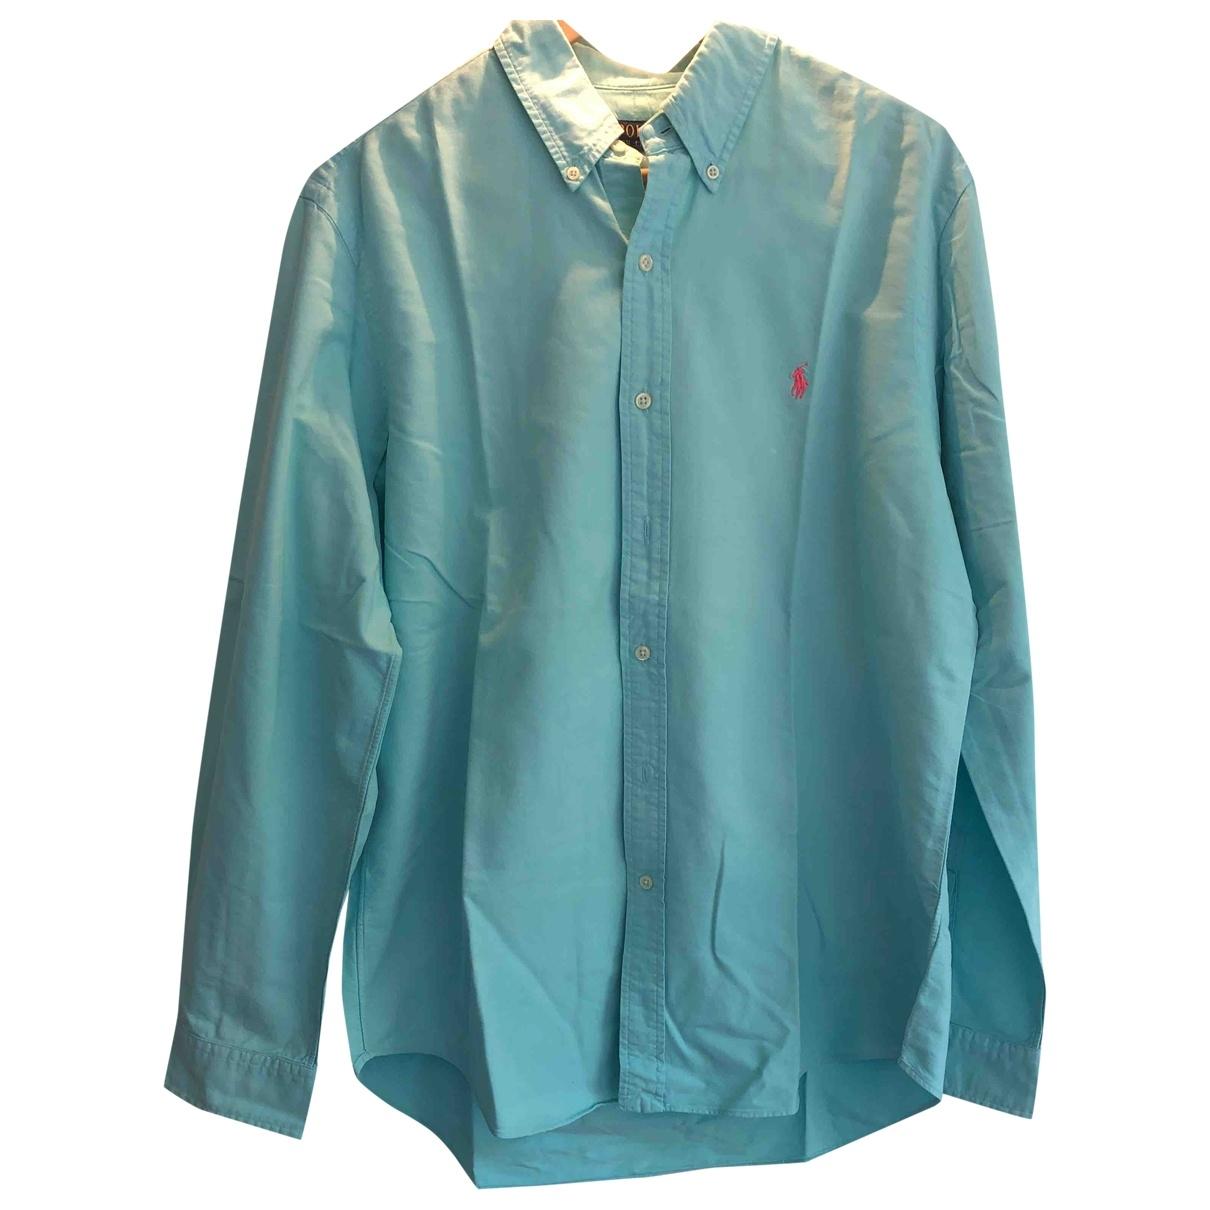 Polo Ralph Lauren - Chemises   pour homme en coton - turquoise